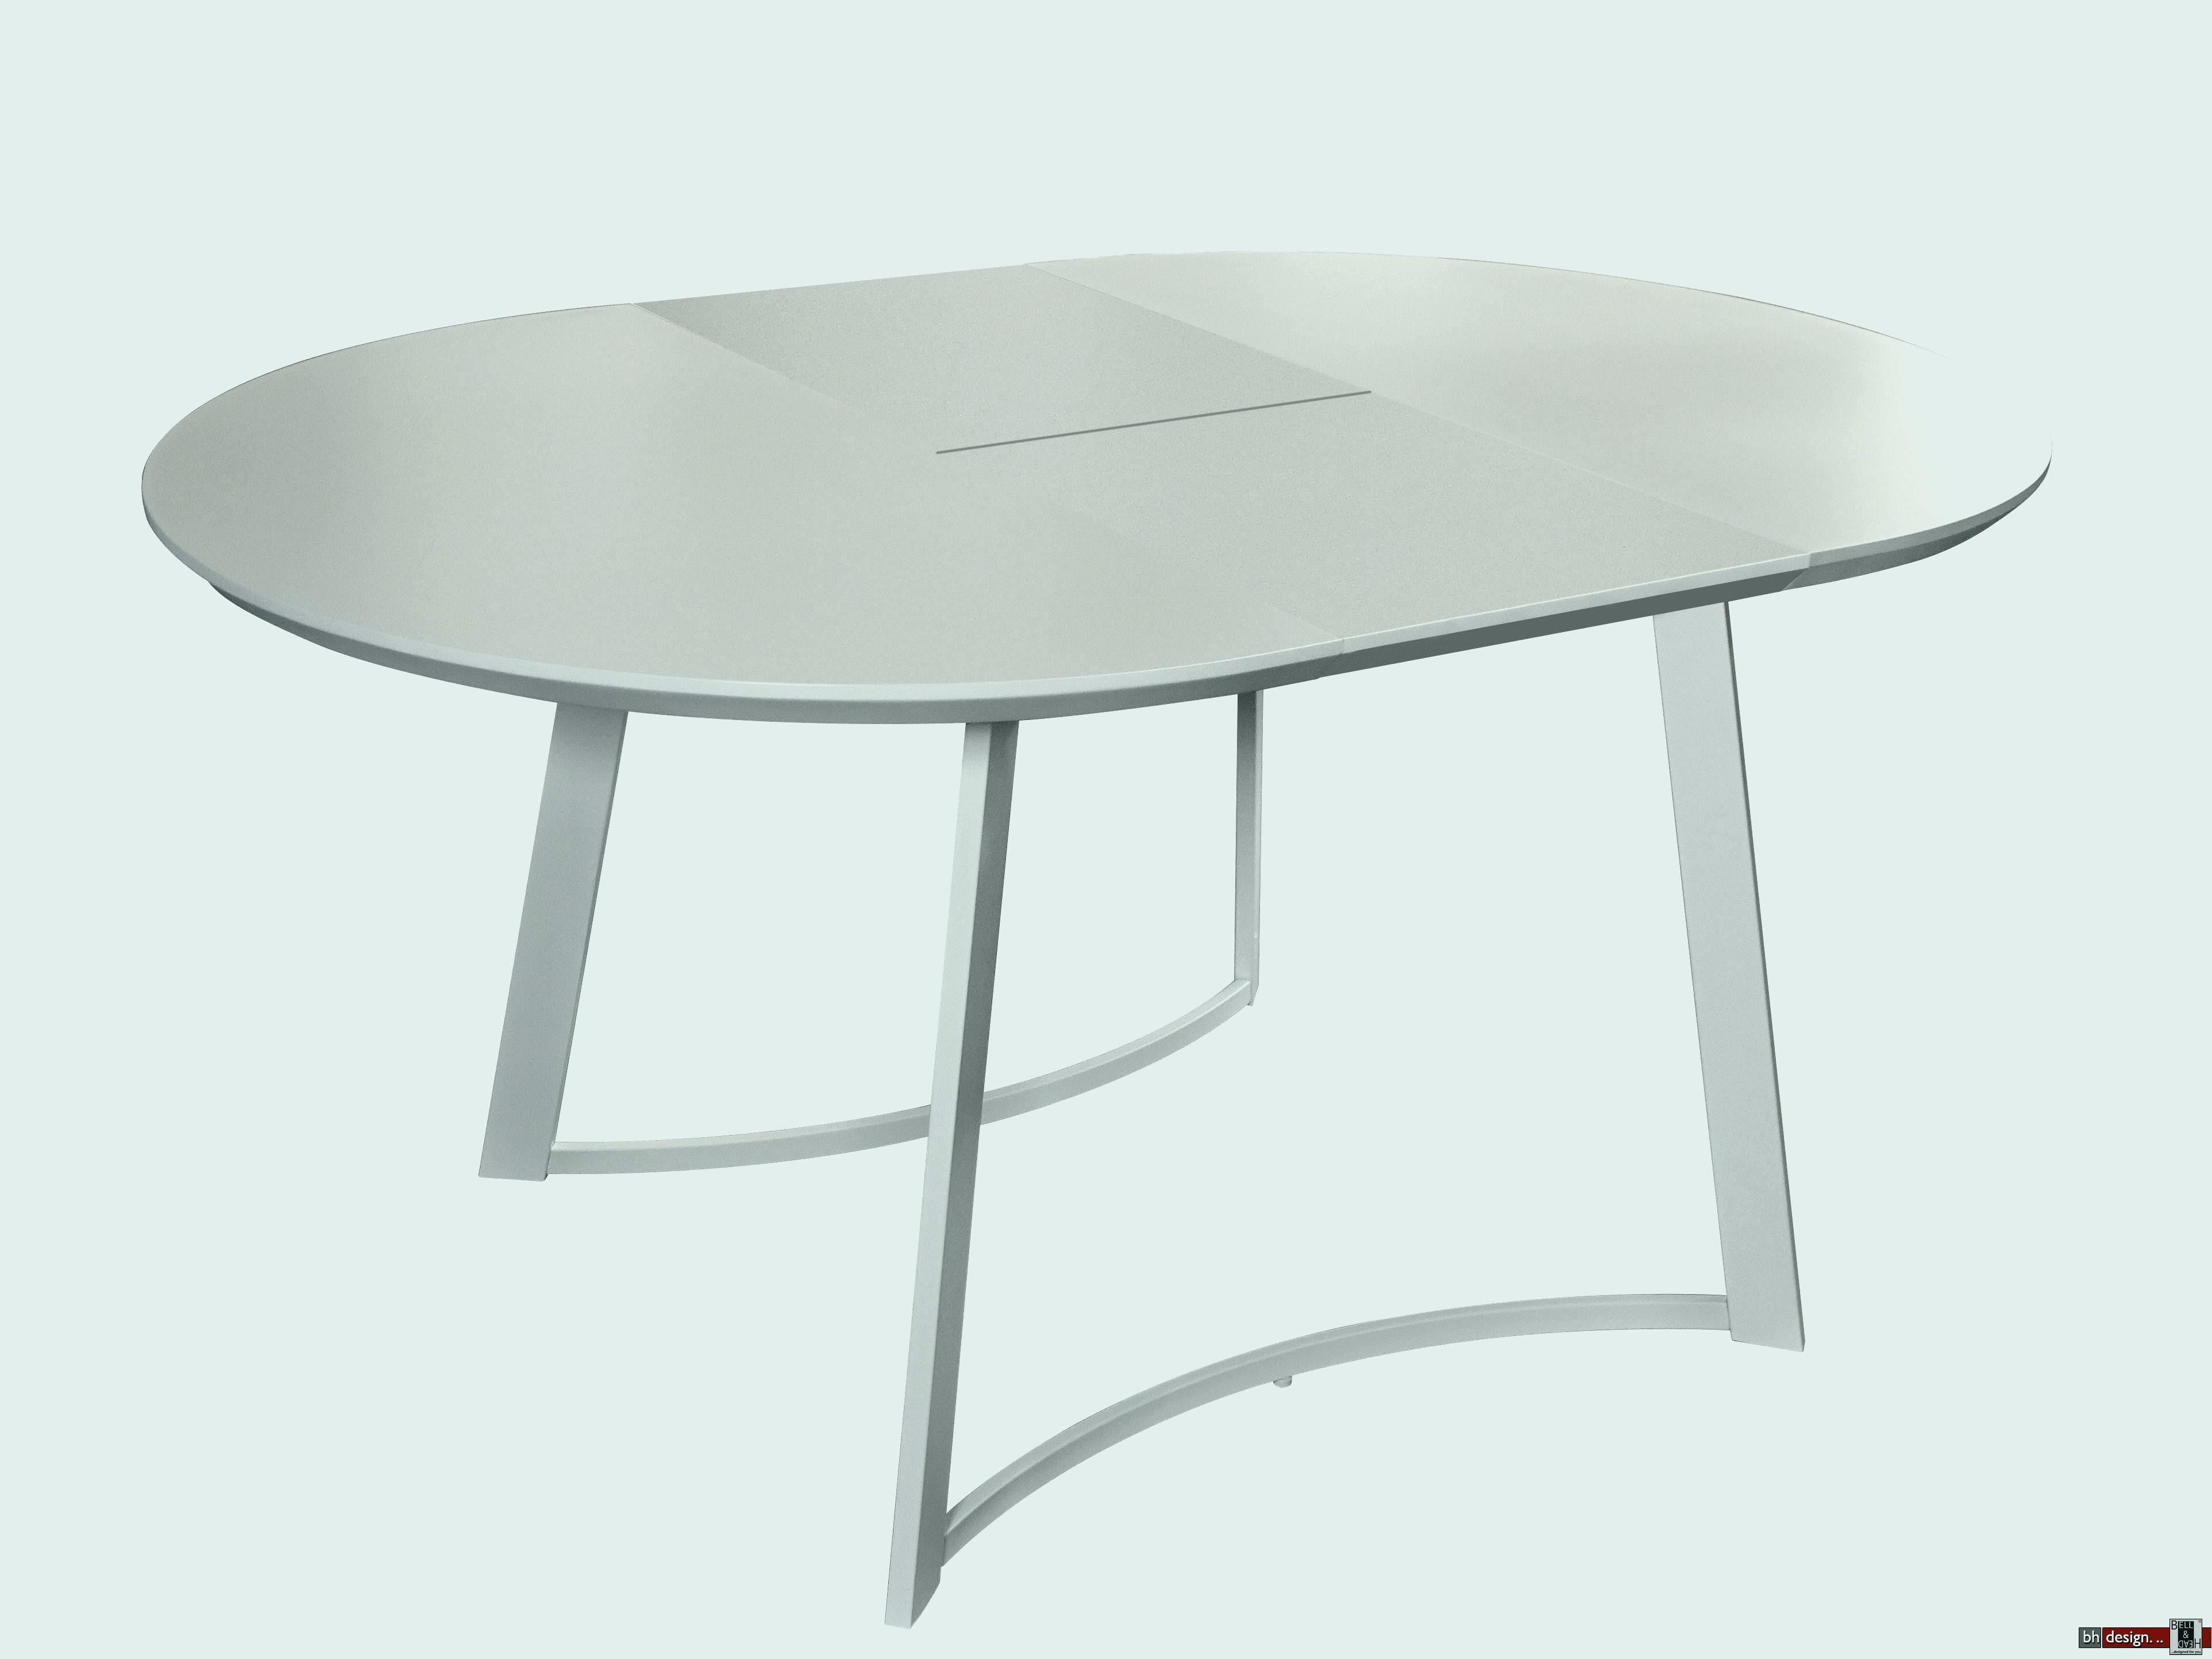 Wunderbar Novel Esstisch Rund Home Decor Furniture Folding Table